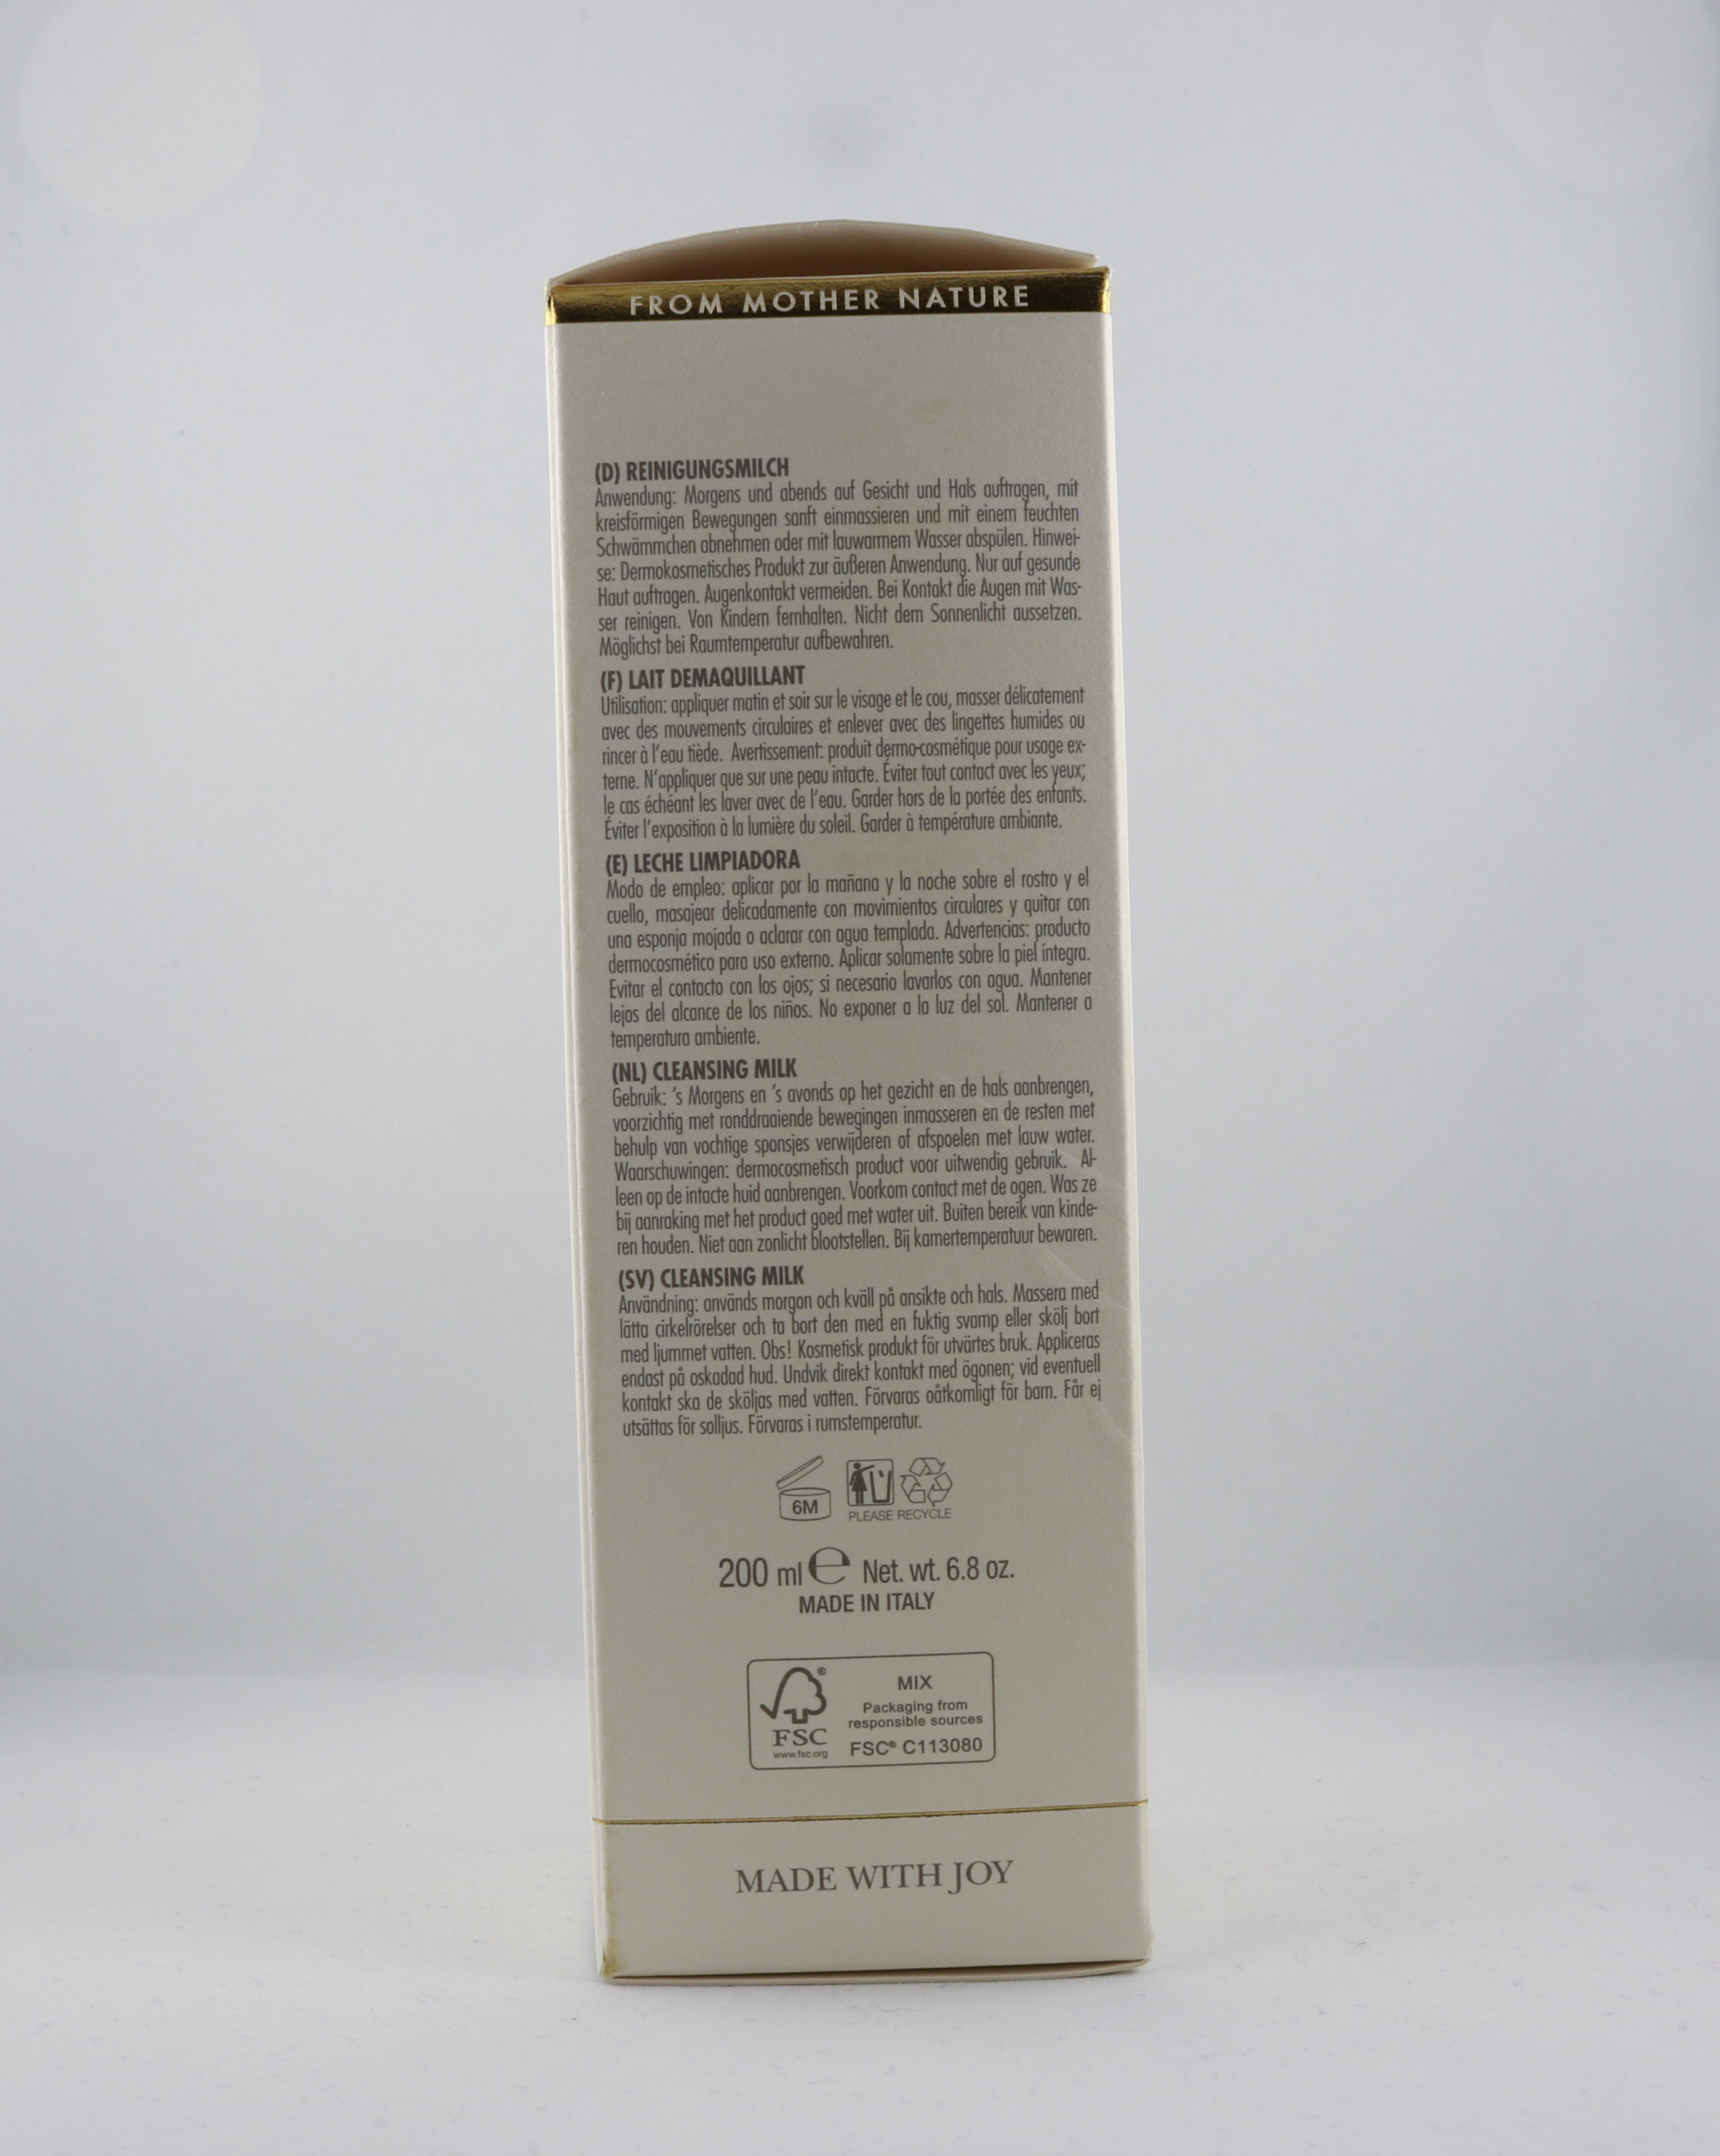 Anti-Age Face Cleansing Milk hudvårdsprodukt hudvårdstyp alternativ hälsa wellness ayurveda hudvård